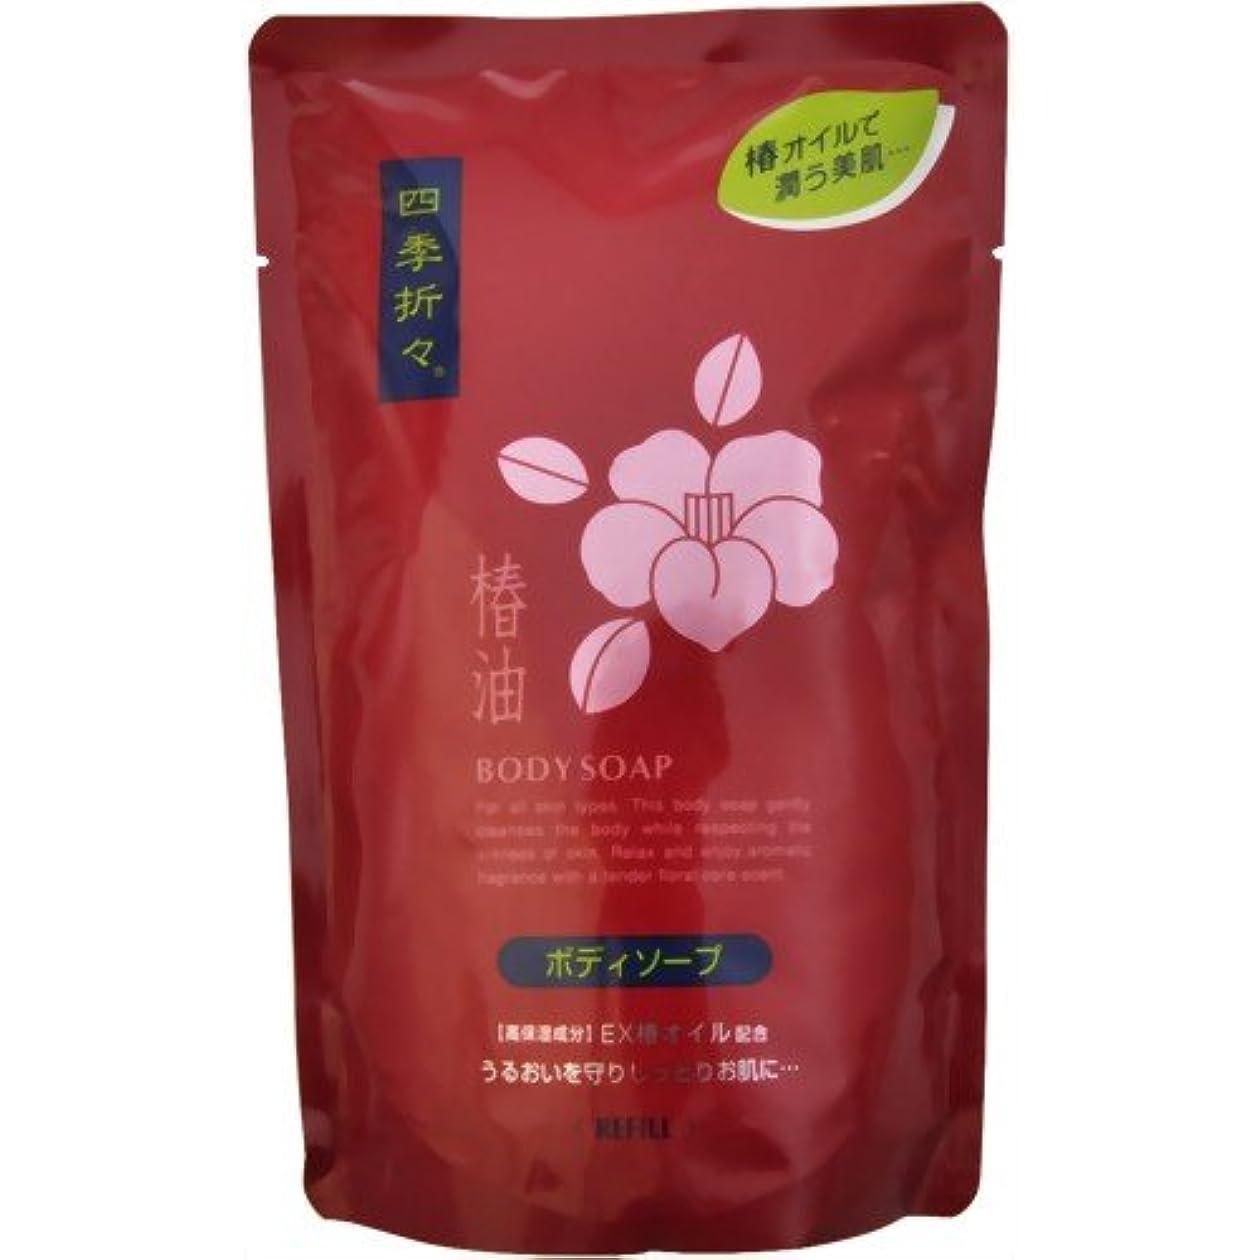 熊野油脂 四季折々 椿油ボディソープ つめかえ用 450ml